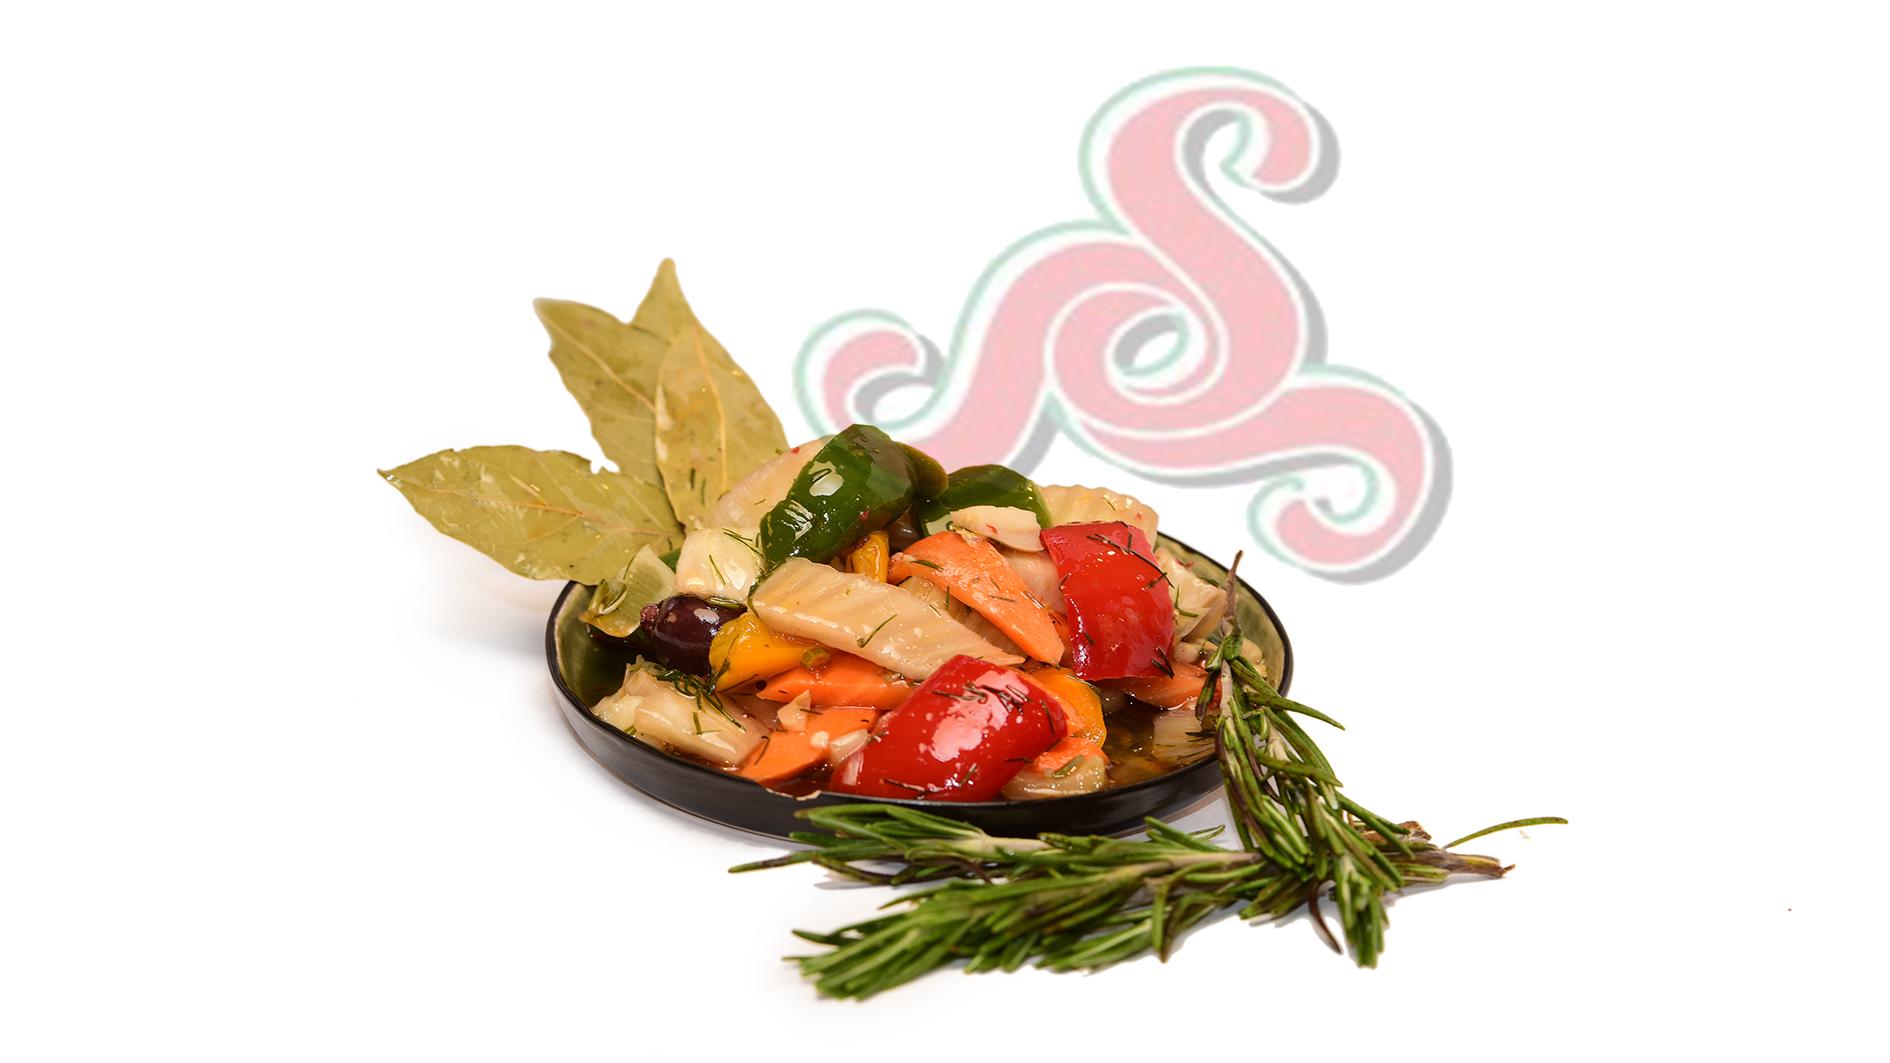 Fenchelsalat mit Möhren, Paprika, Stadensellerie, Dill und Oliven